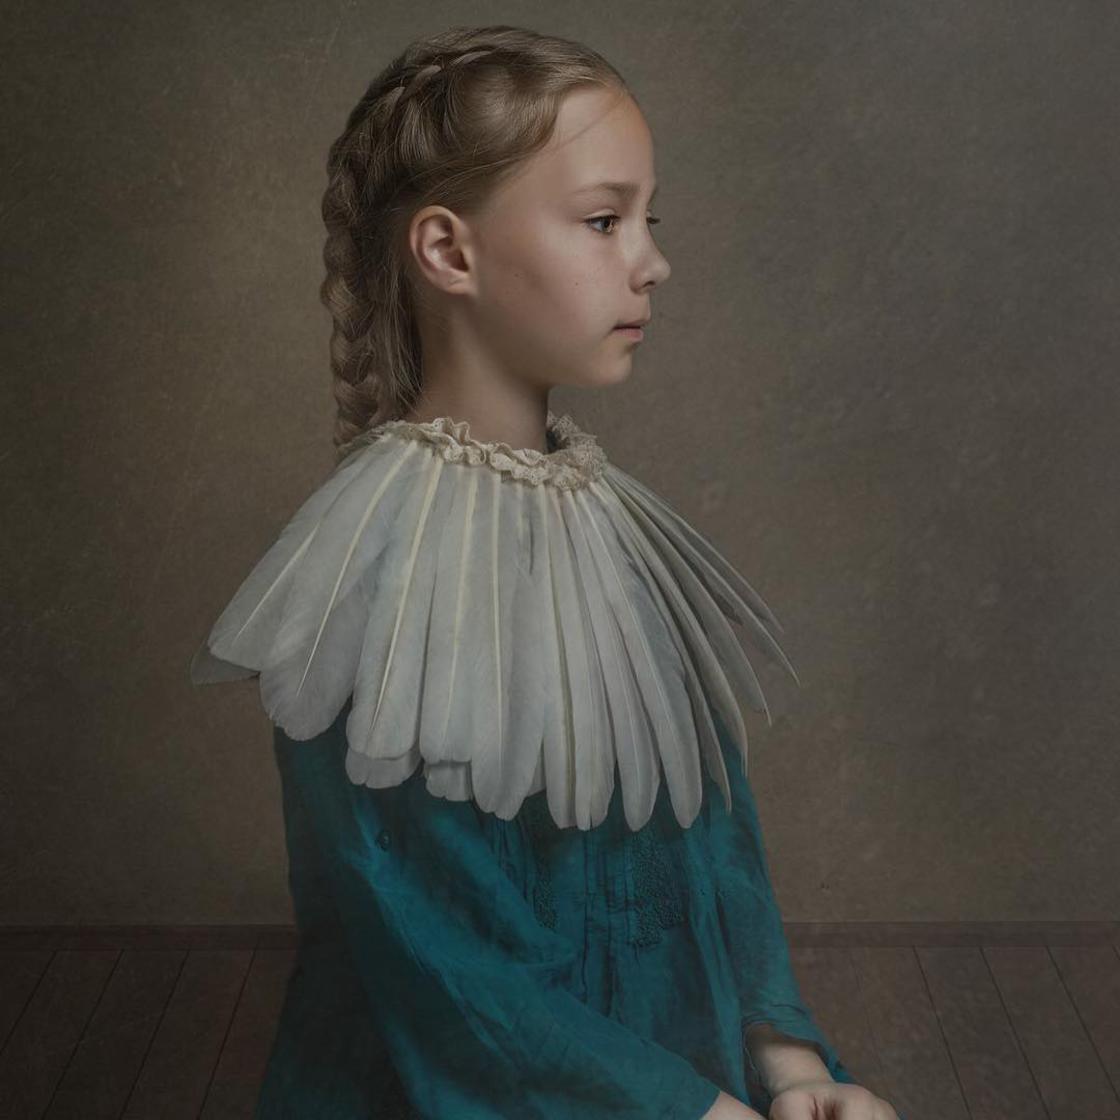 gemmy-woud-binnendijk-kid-portraits-3.jpg